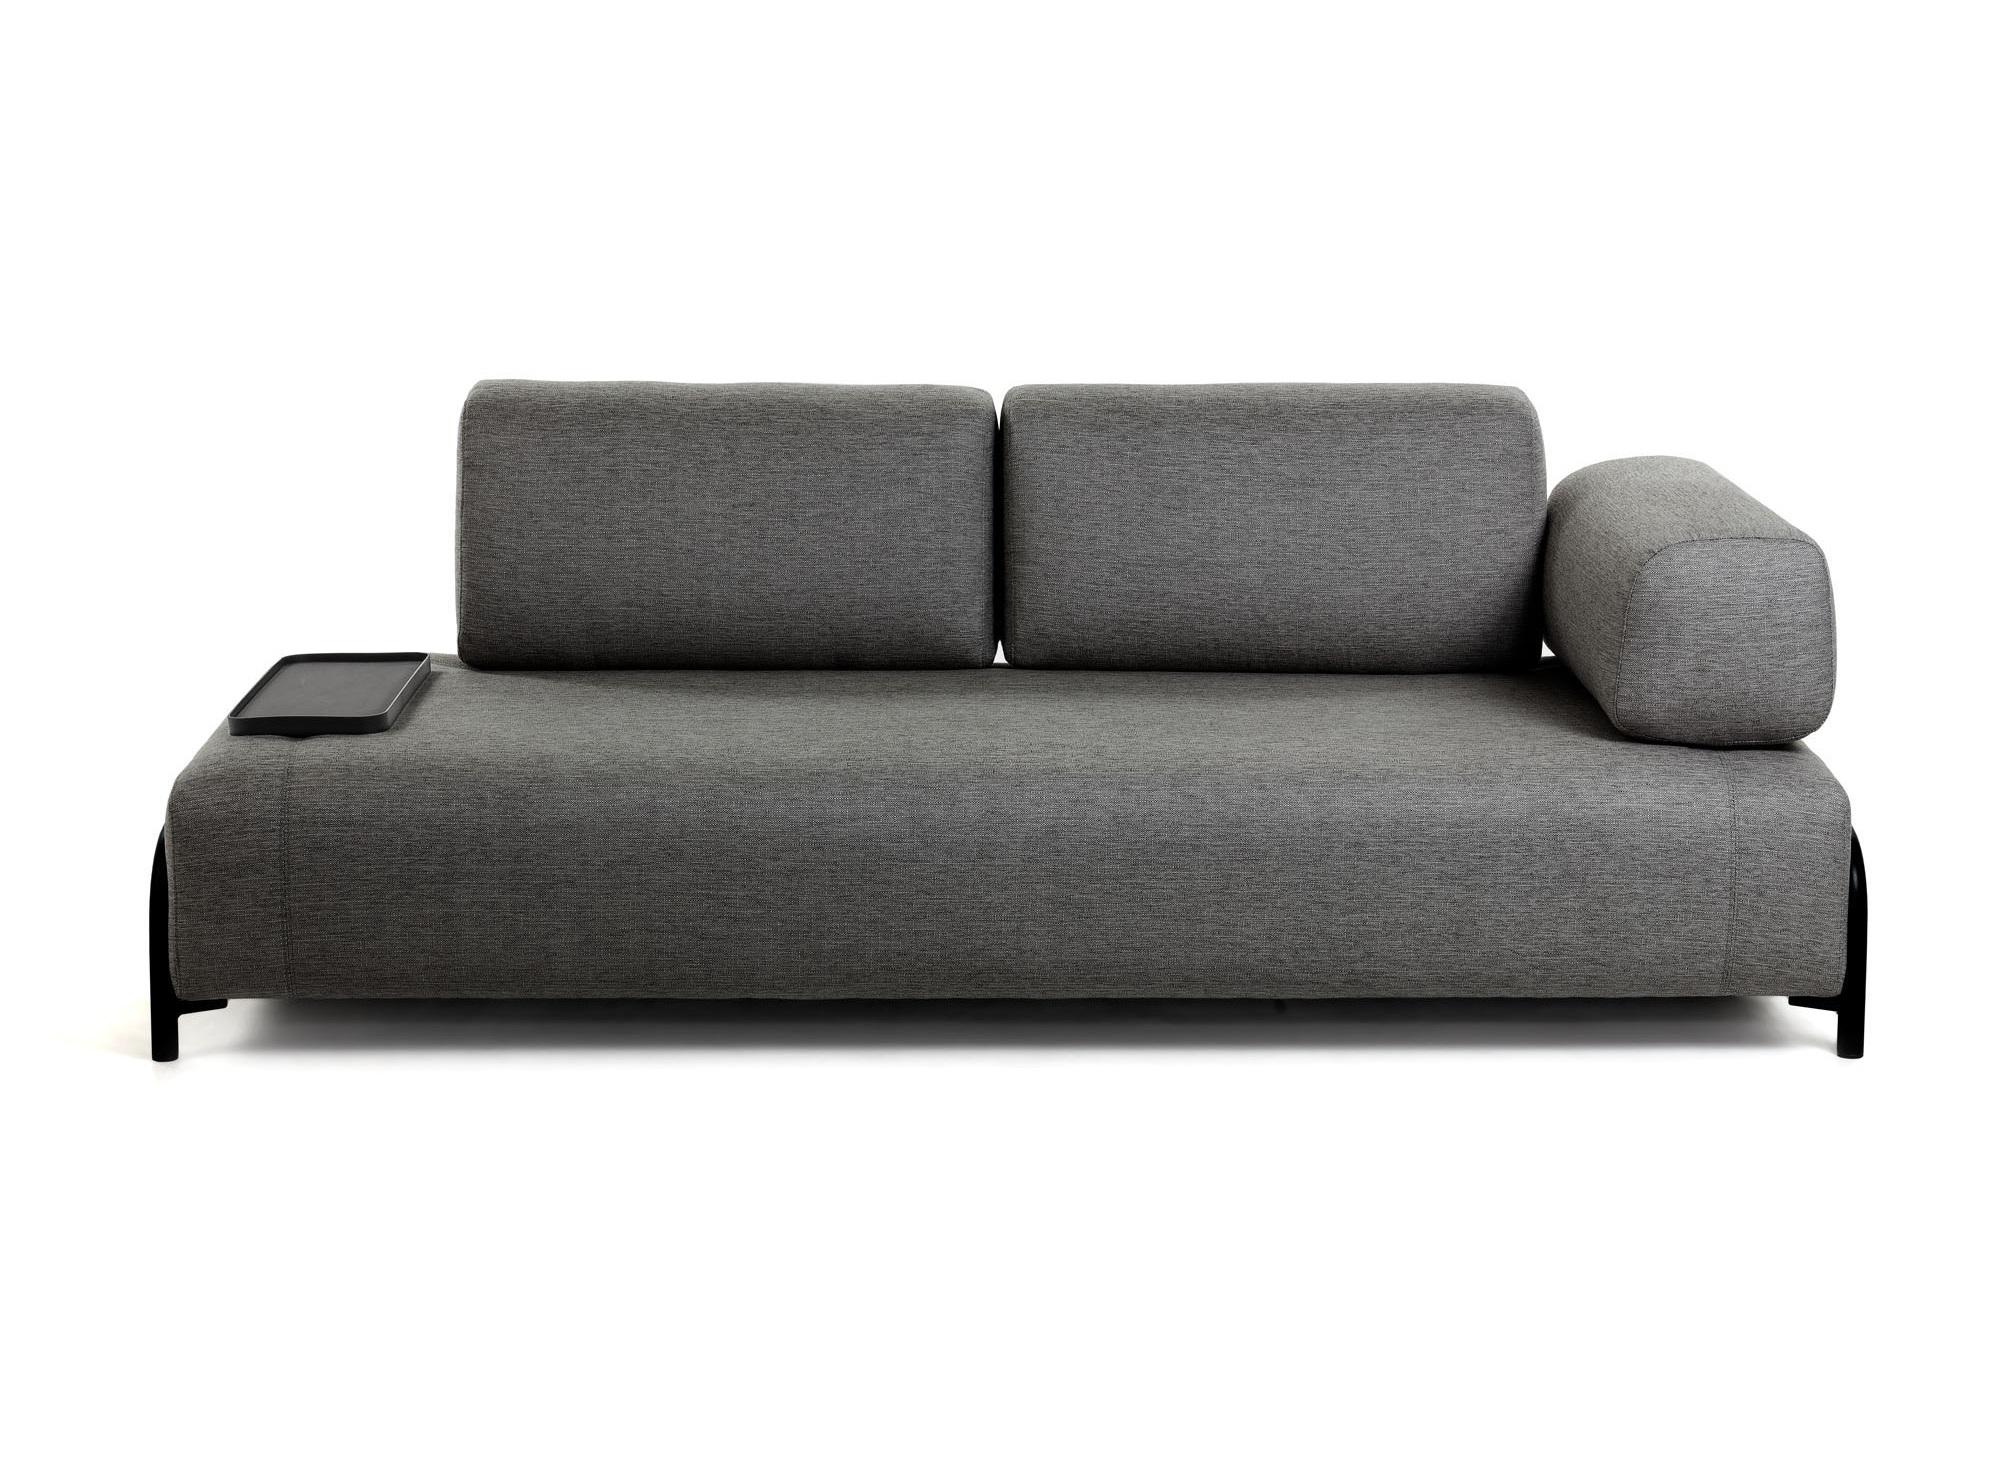 La forma трехместный диван с маленьким подносом compo серый 128451/1